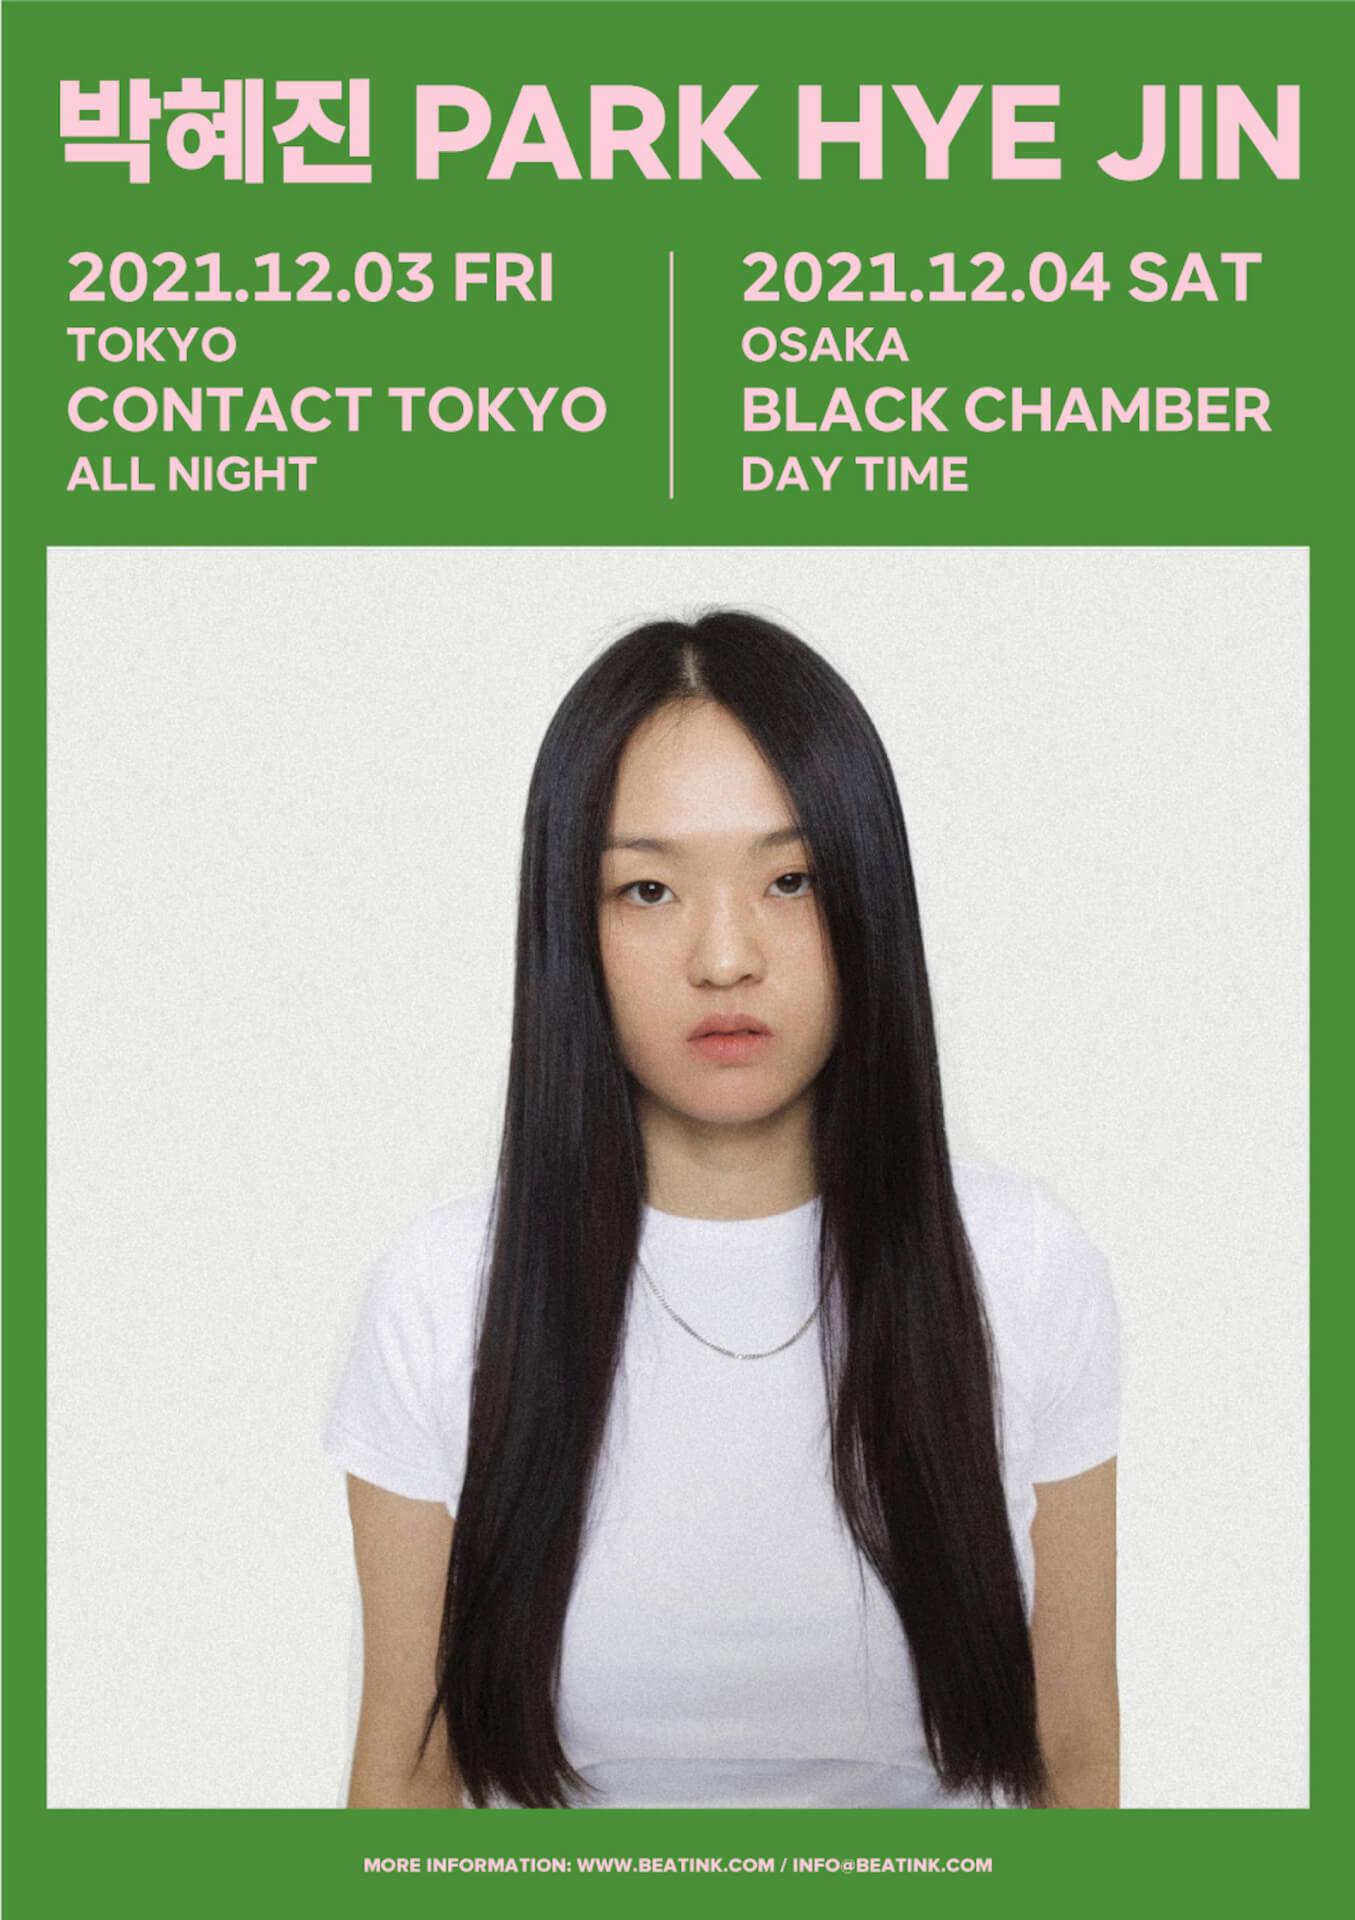 来日公演も控えるPark Hye Jinが〈Ninja Tune〉より待望のデビューアルバム『Before I Die』のリリースを発表! music210707_parkhyejin_12